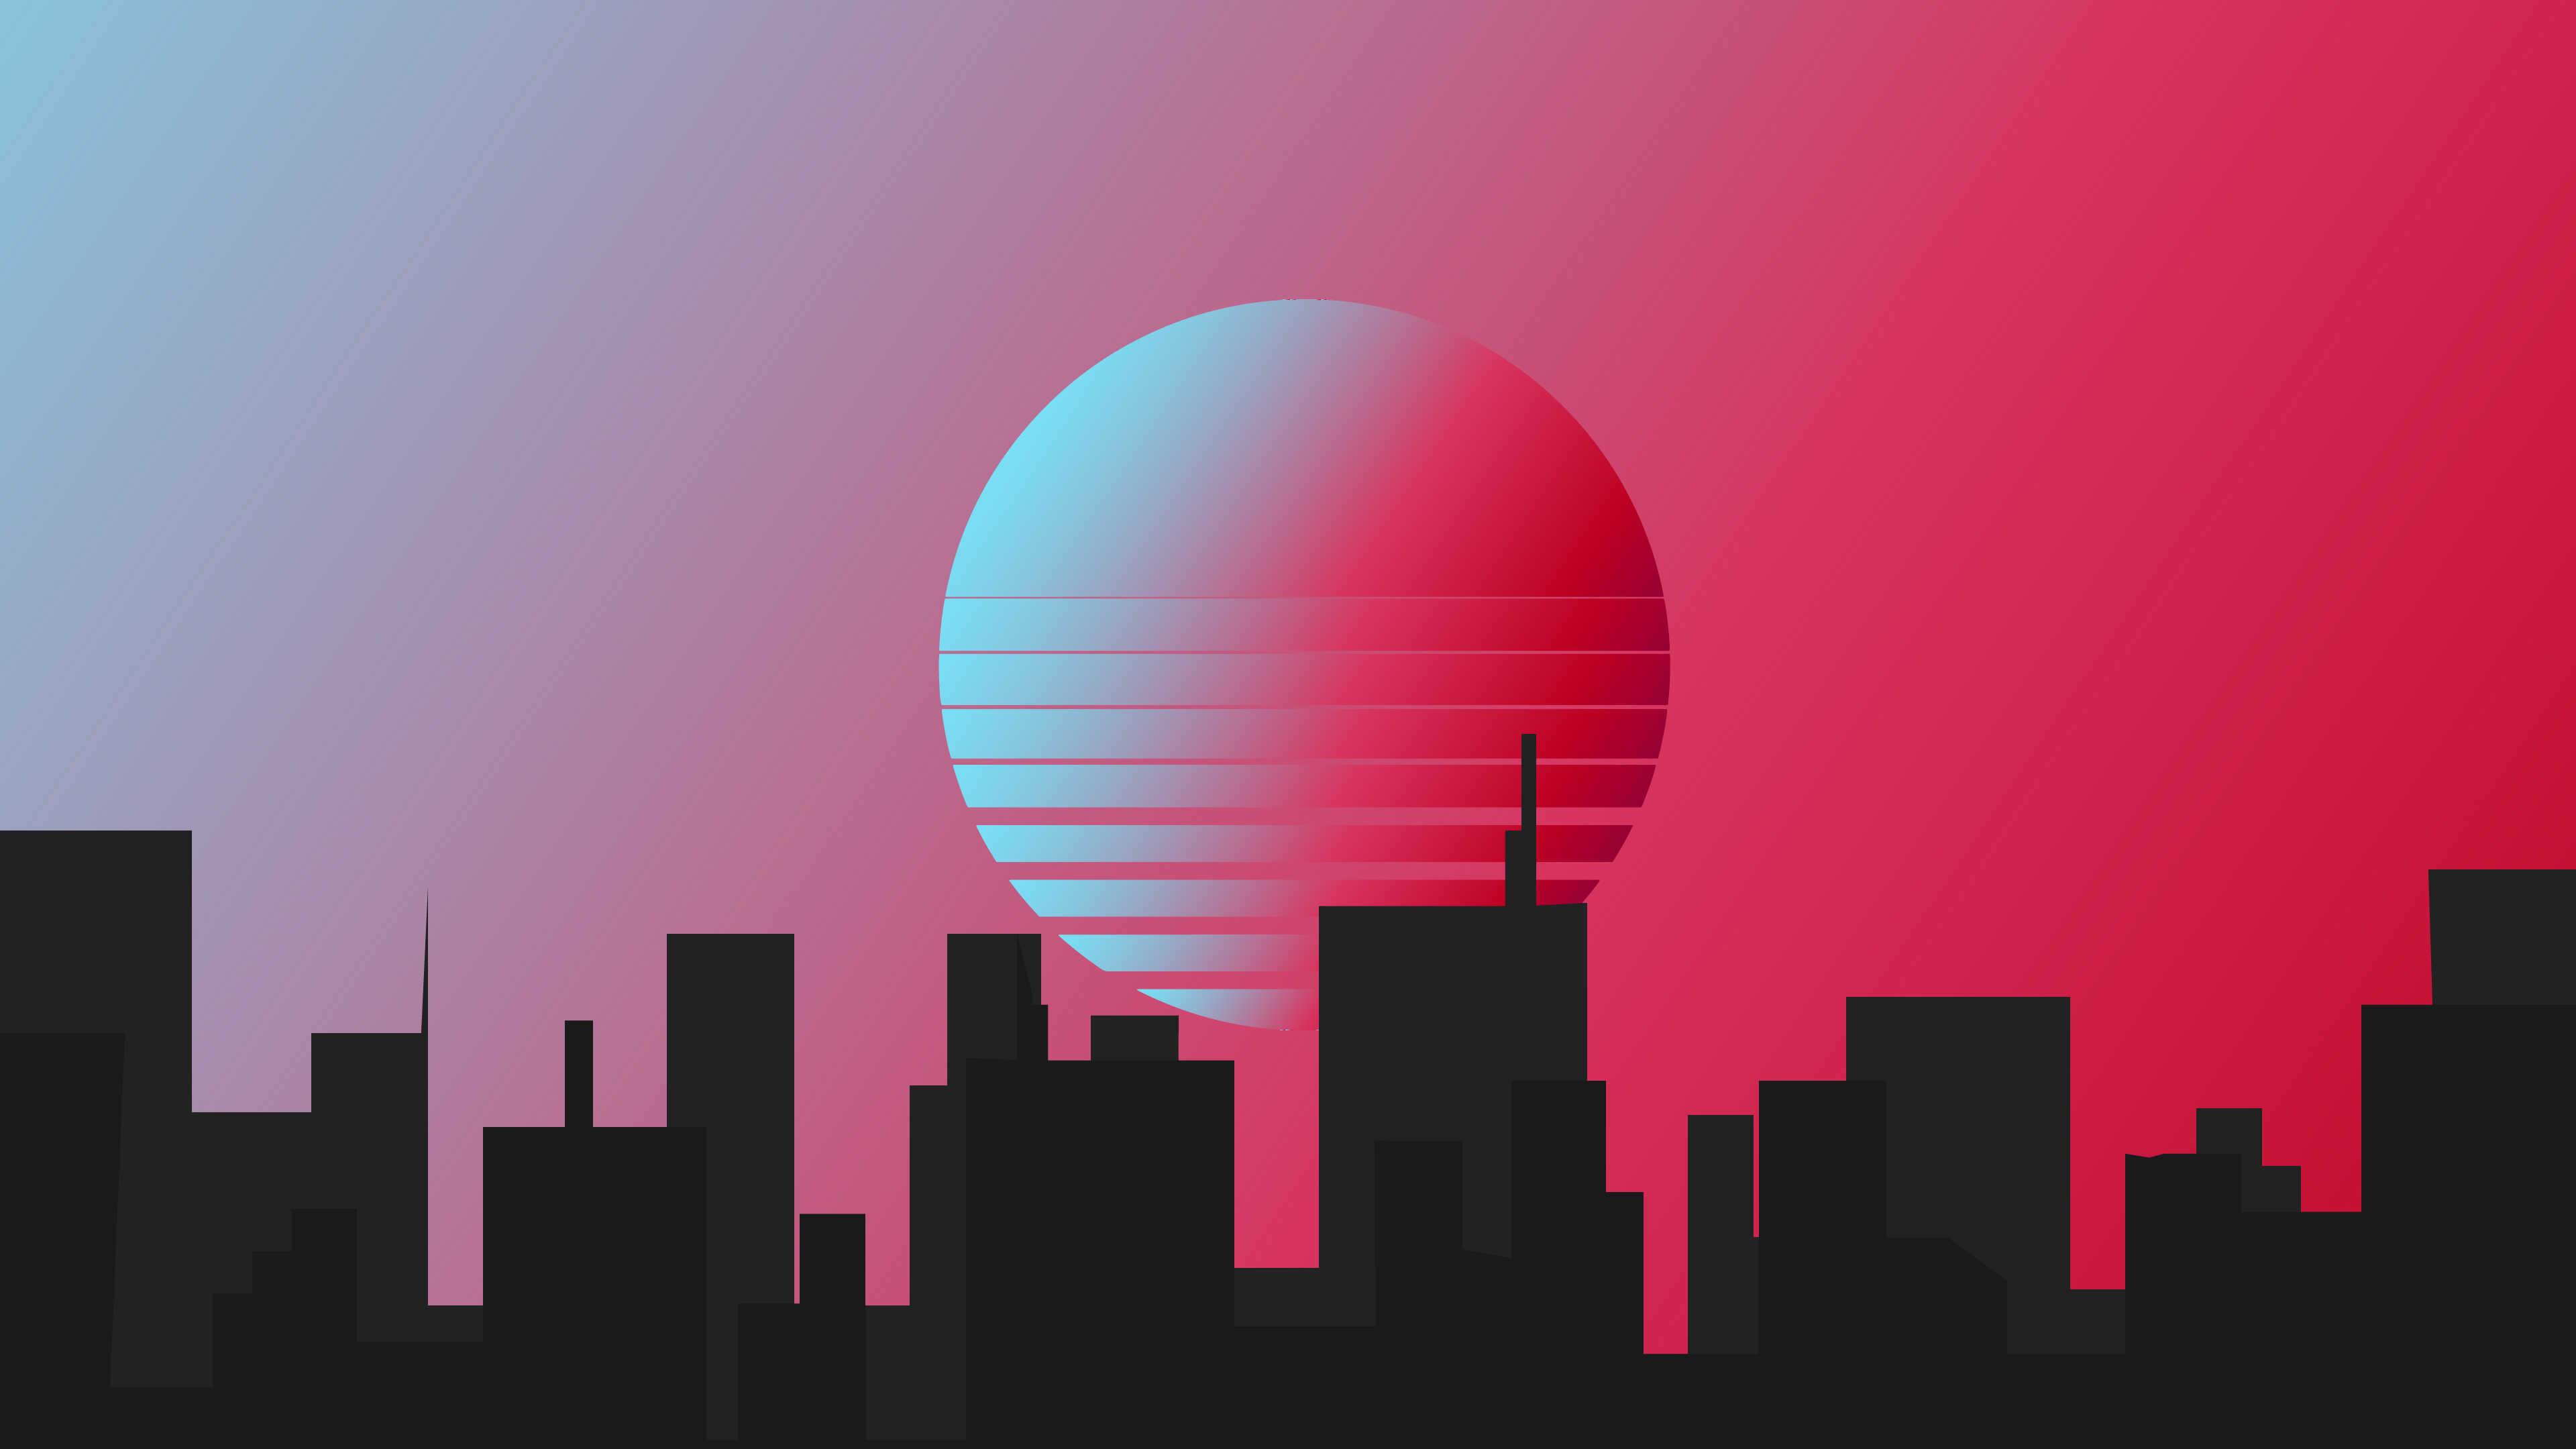 Desktop Image Of Minimalism